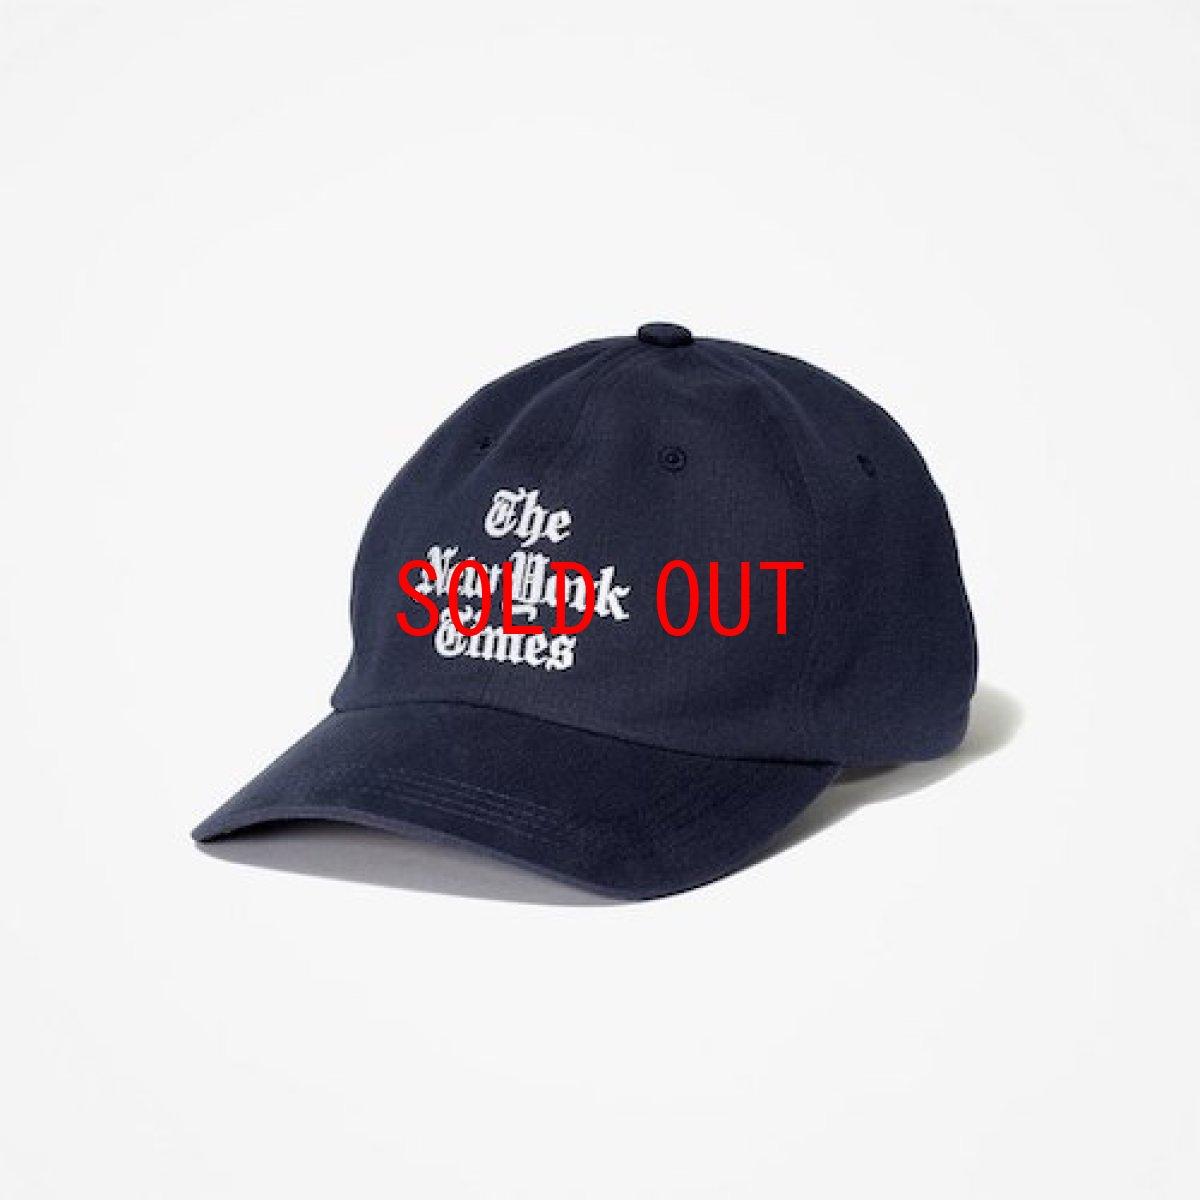 画像1: The NewYork Times(ニューヨーク タイムズ) Stacked Logo Ball Cap ボール キャップ 帽子 (1)